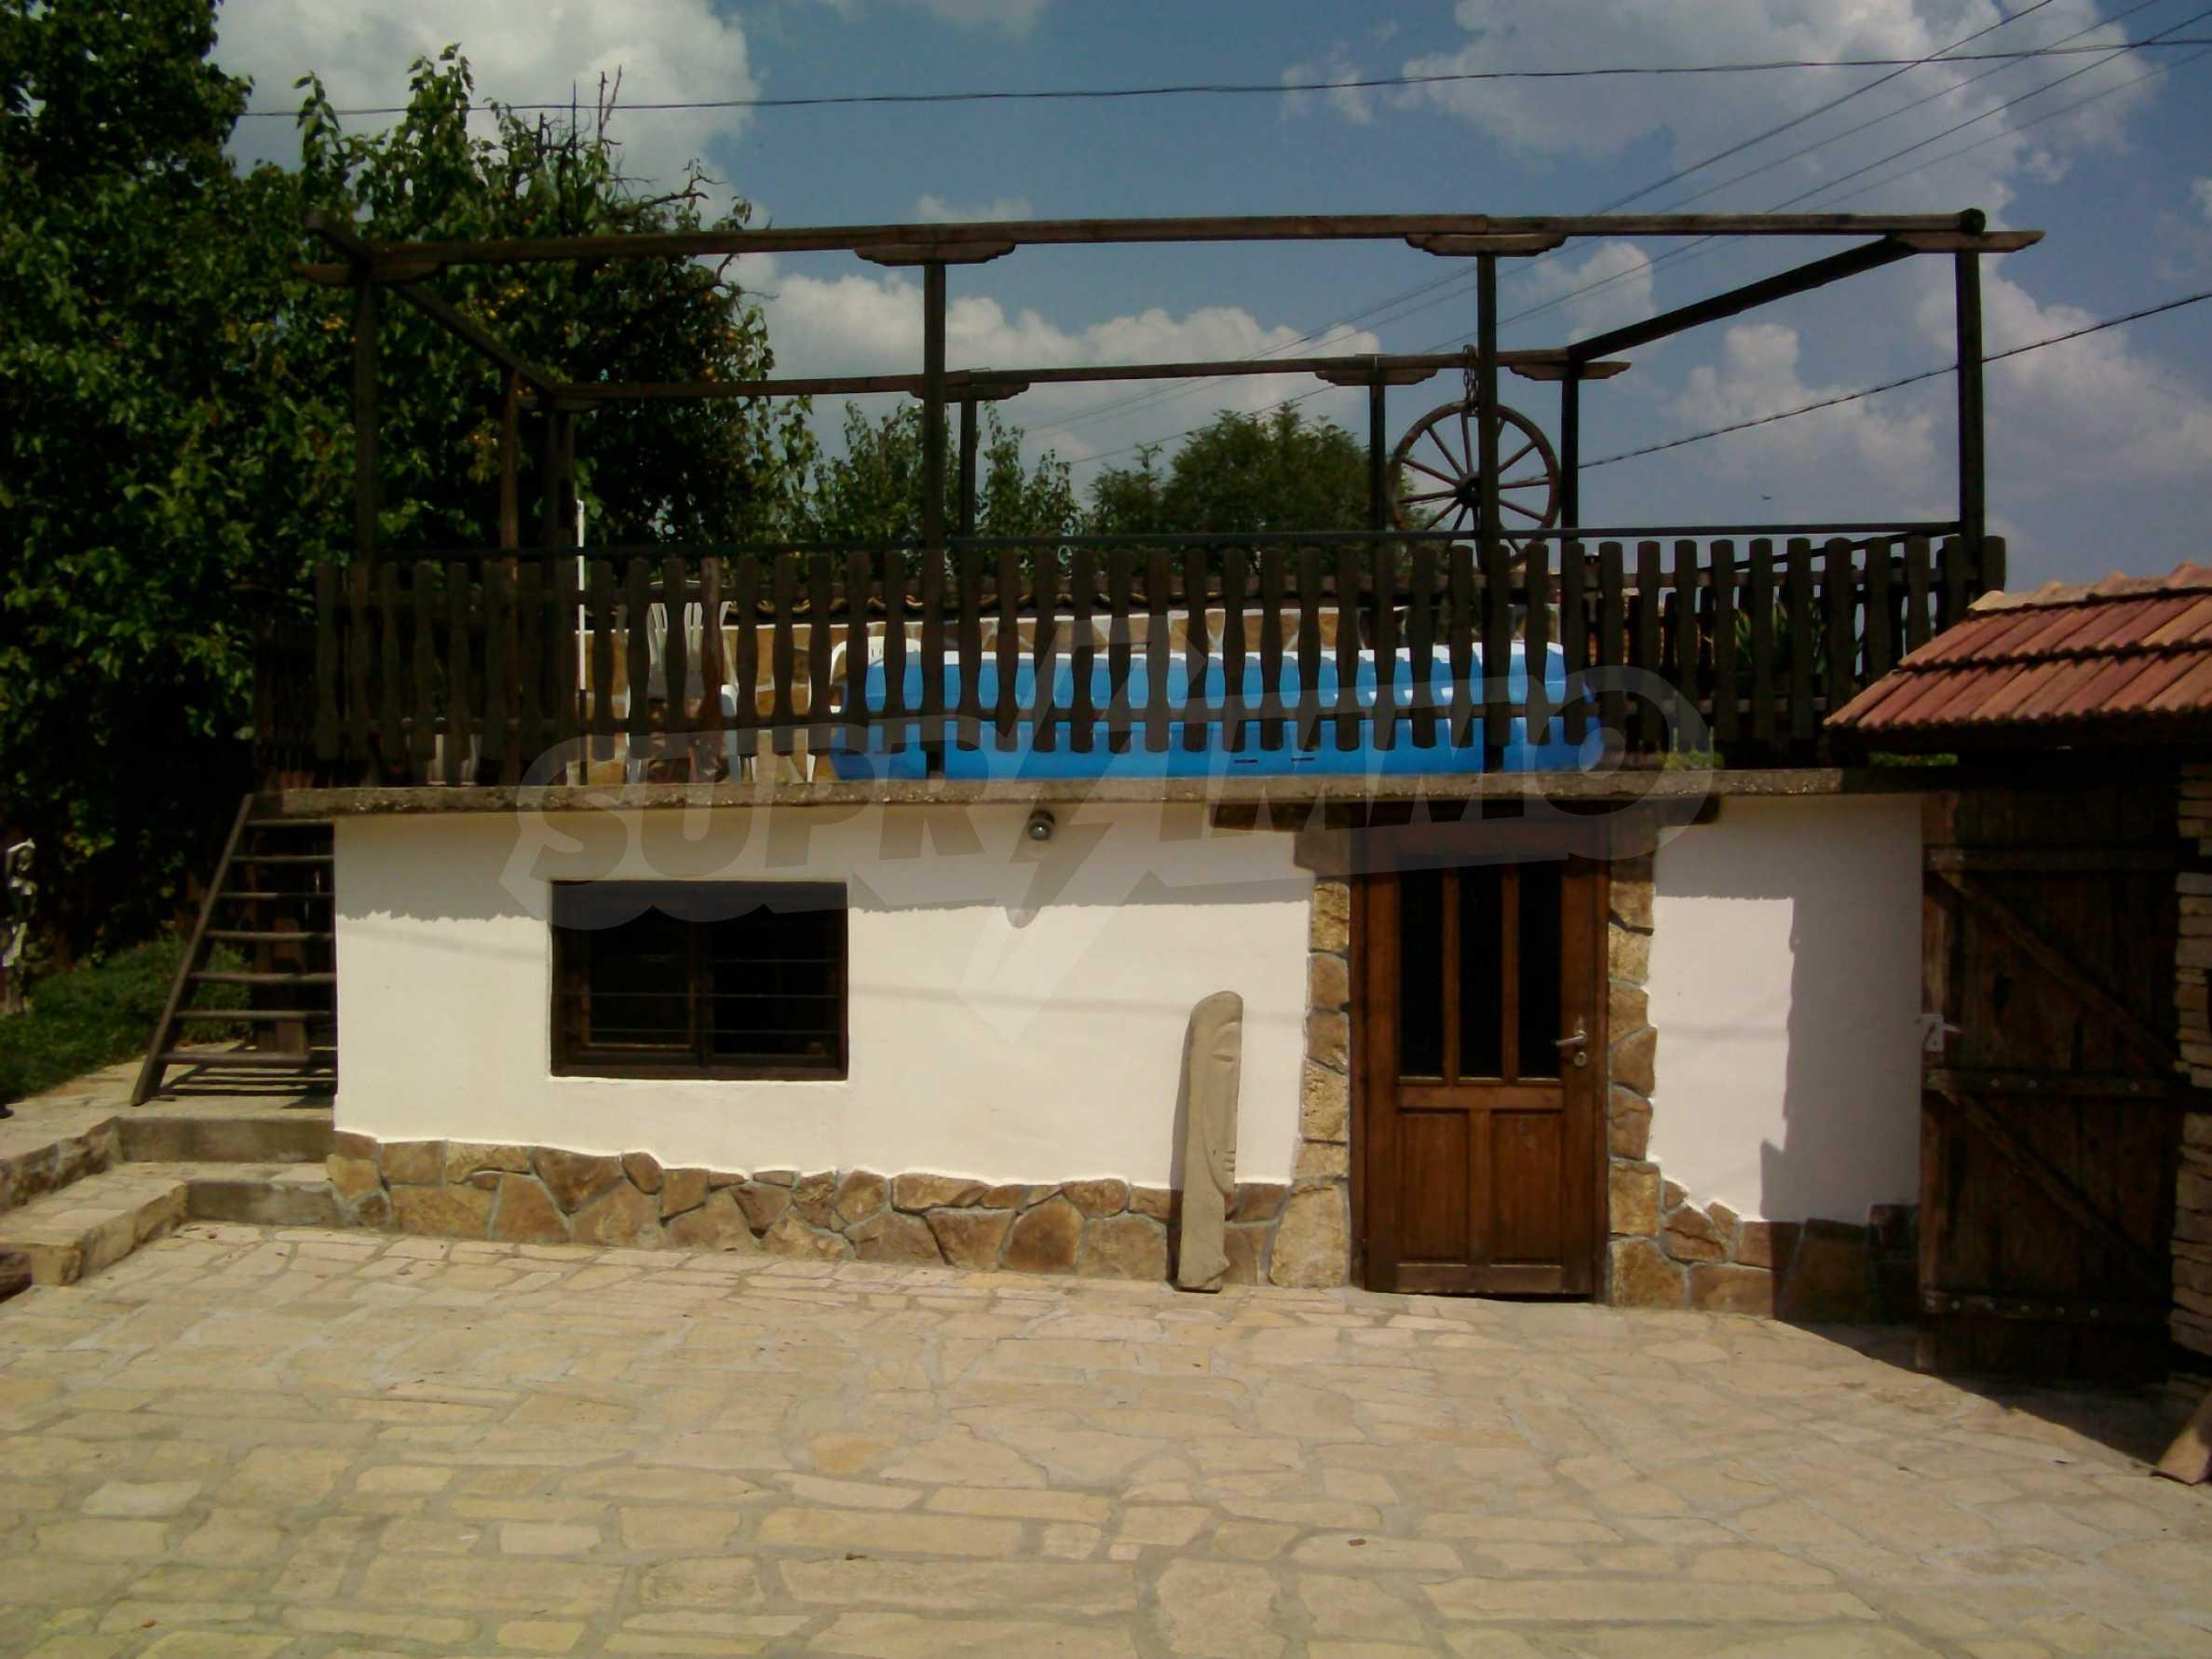 Vollständig möbliertes Anwesen im erhaltenen traditionellen bulgarischen Stil 27